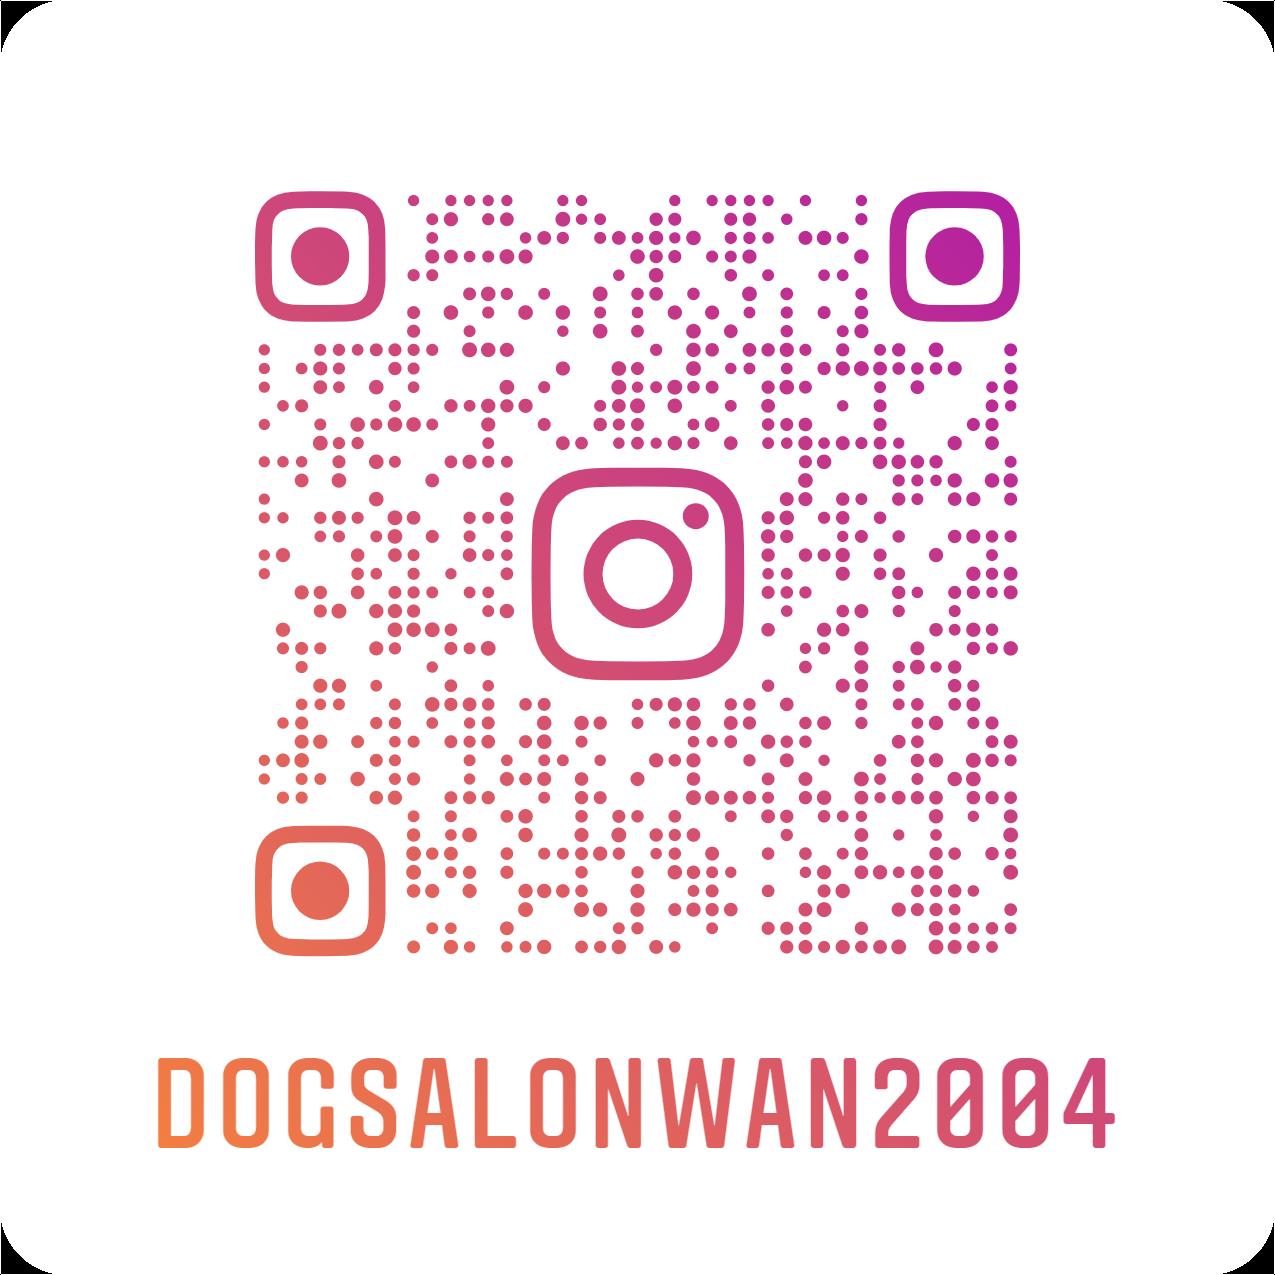 dogsalonwan2004_nametag_20210815084446006.png